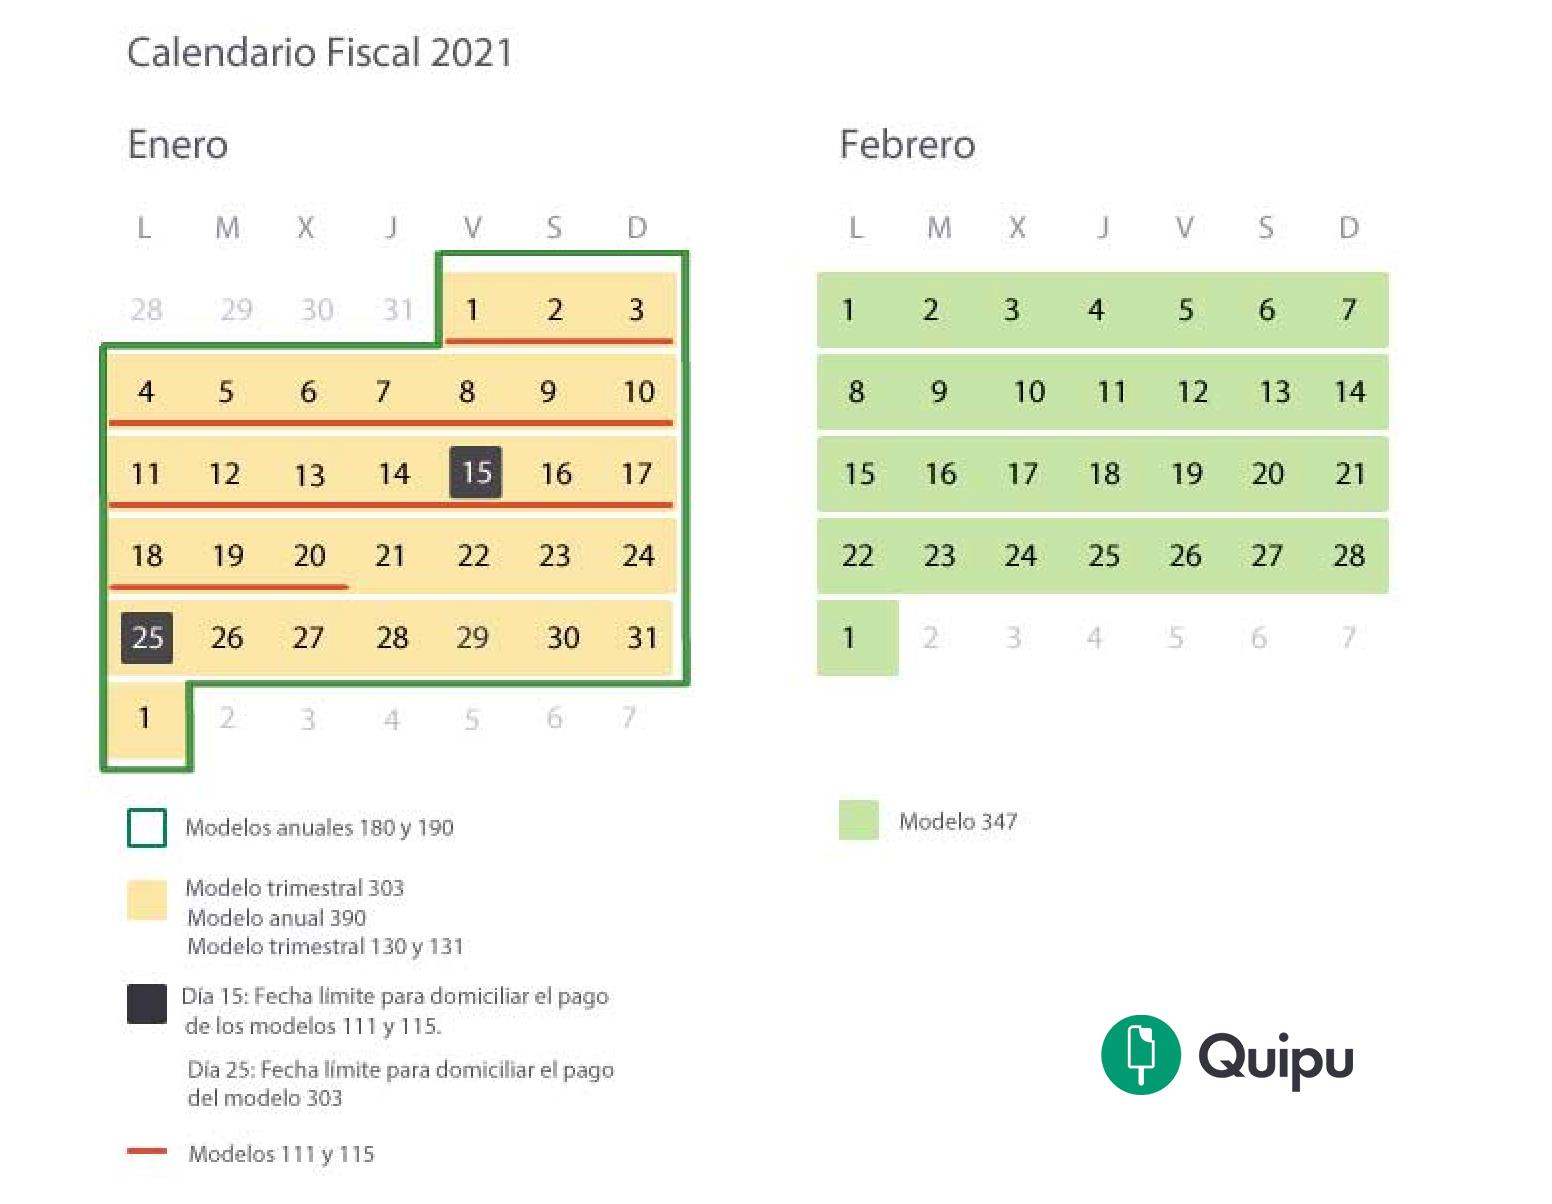 calendario fiscal 2021